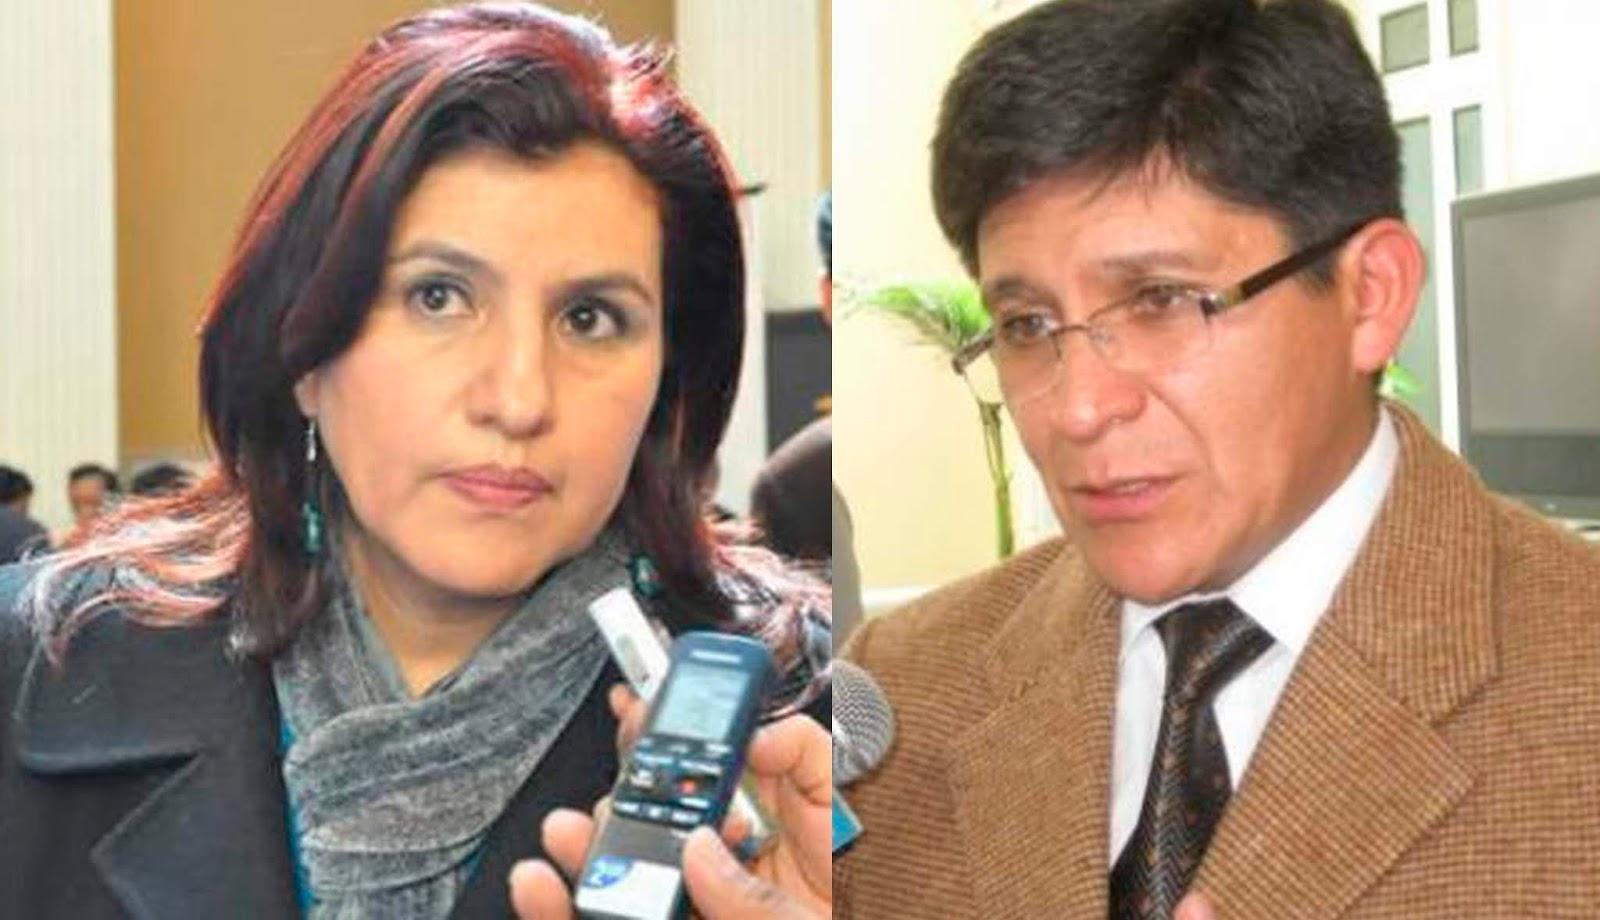 Delgado y Maldonado podrían activar otro proceso contra la Contraloría por incumplimiento de deberes / WEB MONTAJE